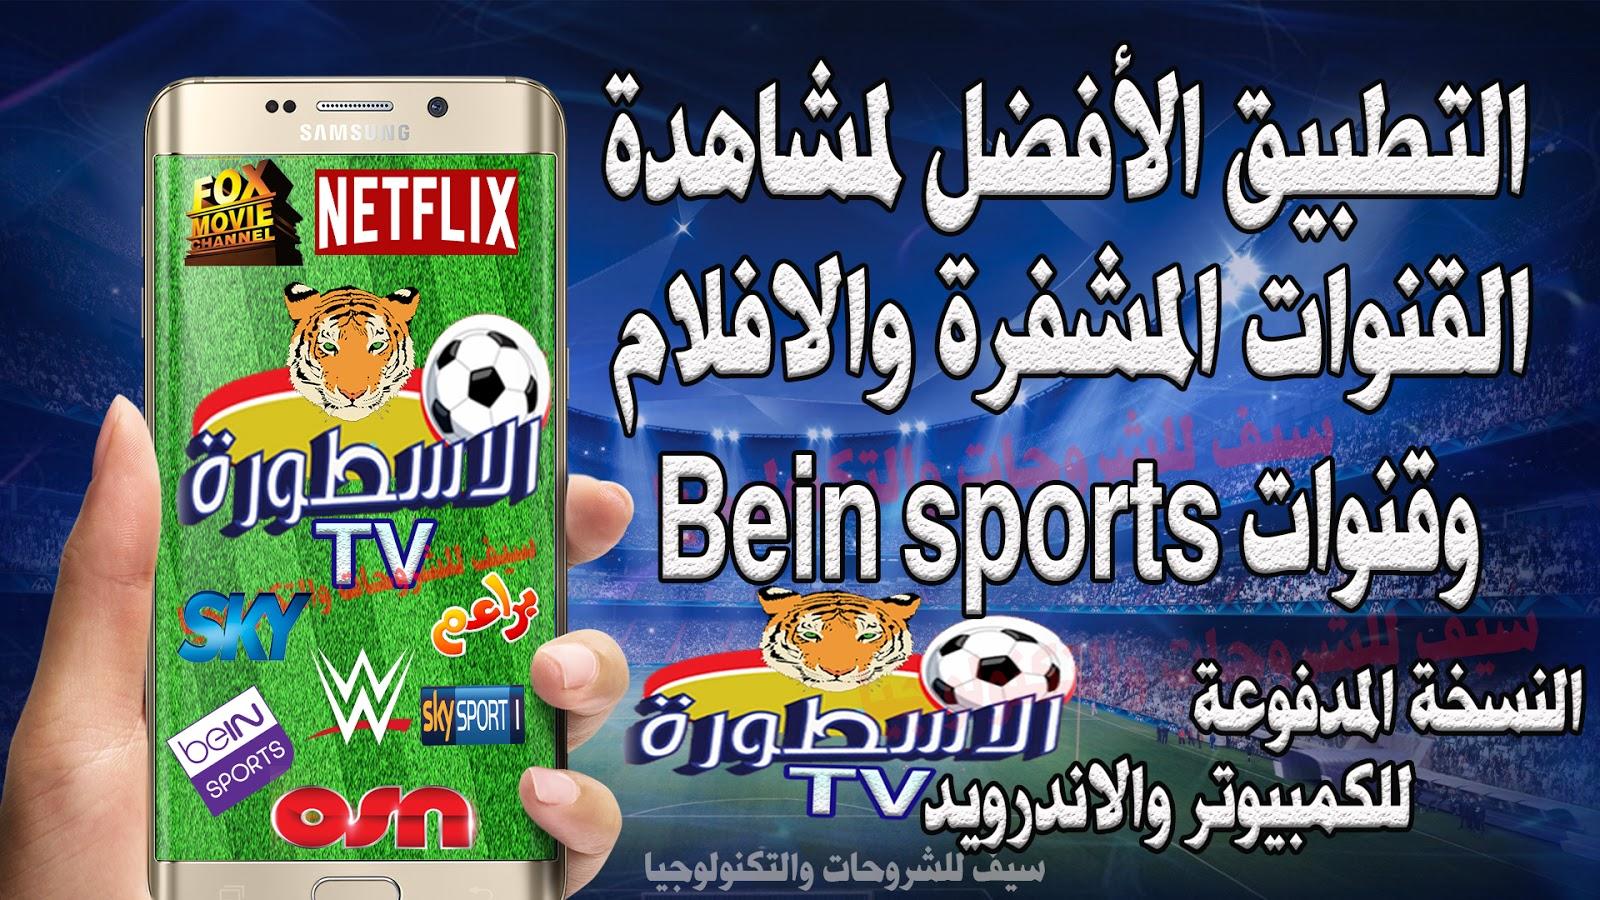 الاتطبيق الافضل لمشاهدة القنوات المشفرة والافلام وقنوات Bein sports تطبيق الاسطورة للكمبيوتر وللهاتف التسخة المدفوعة